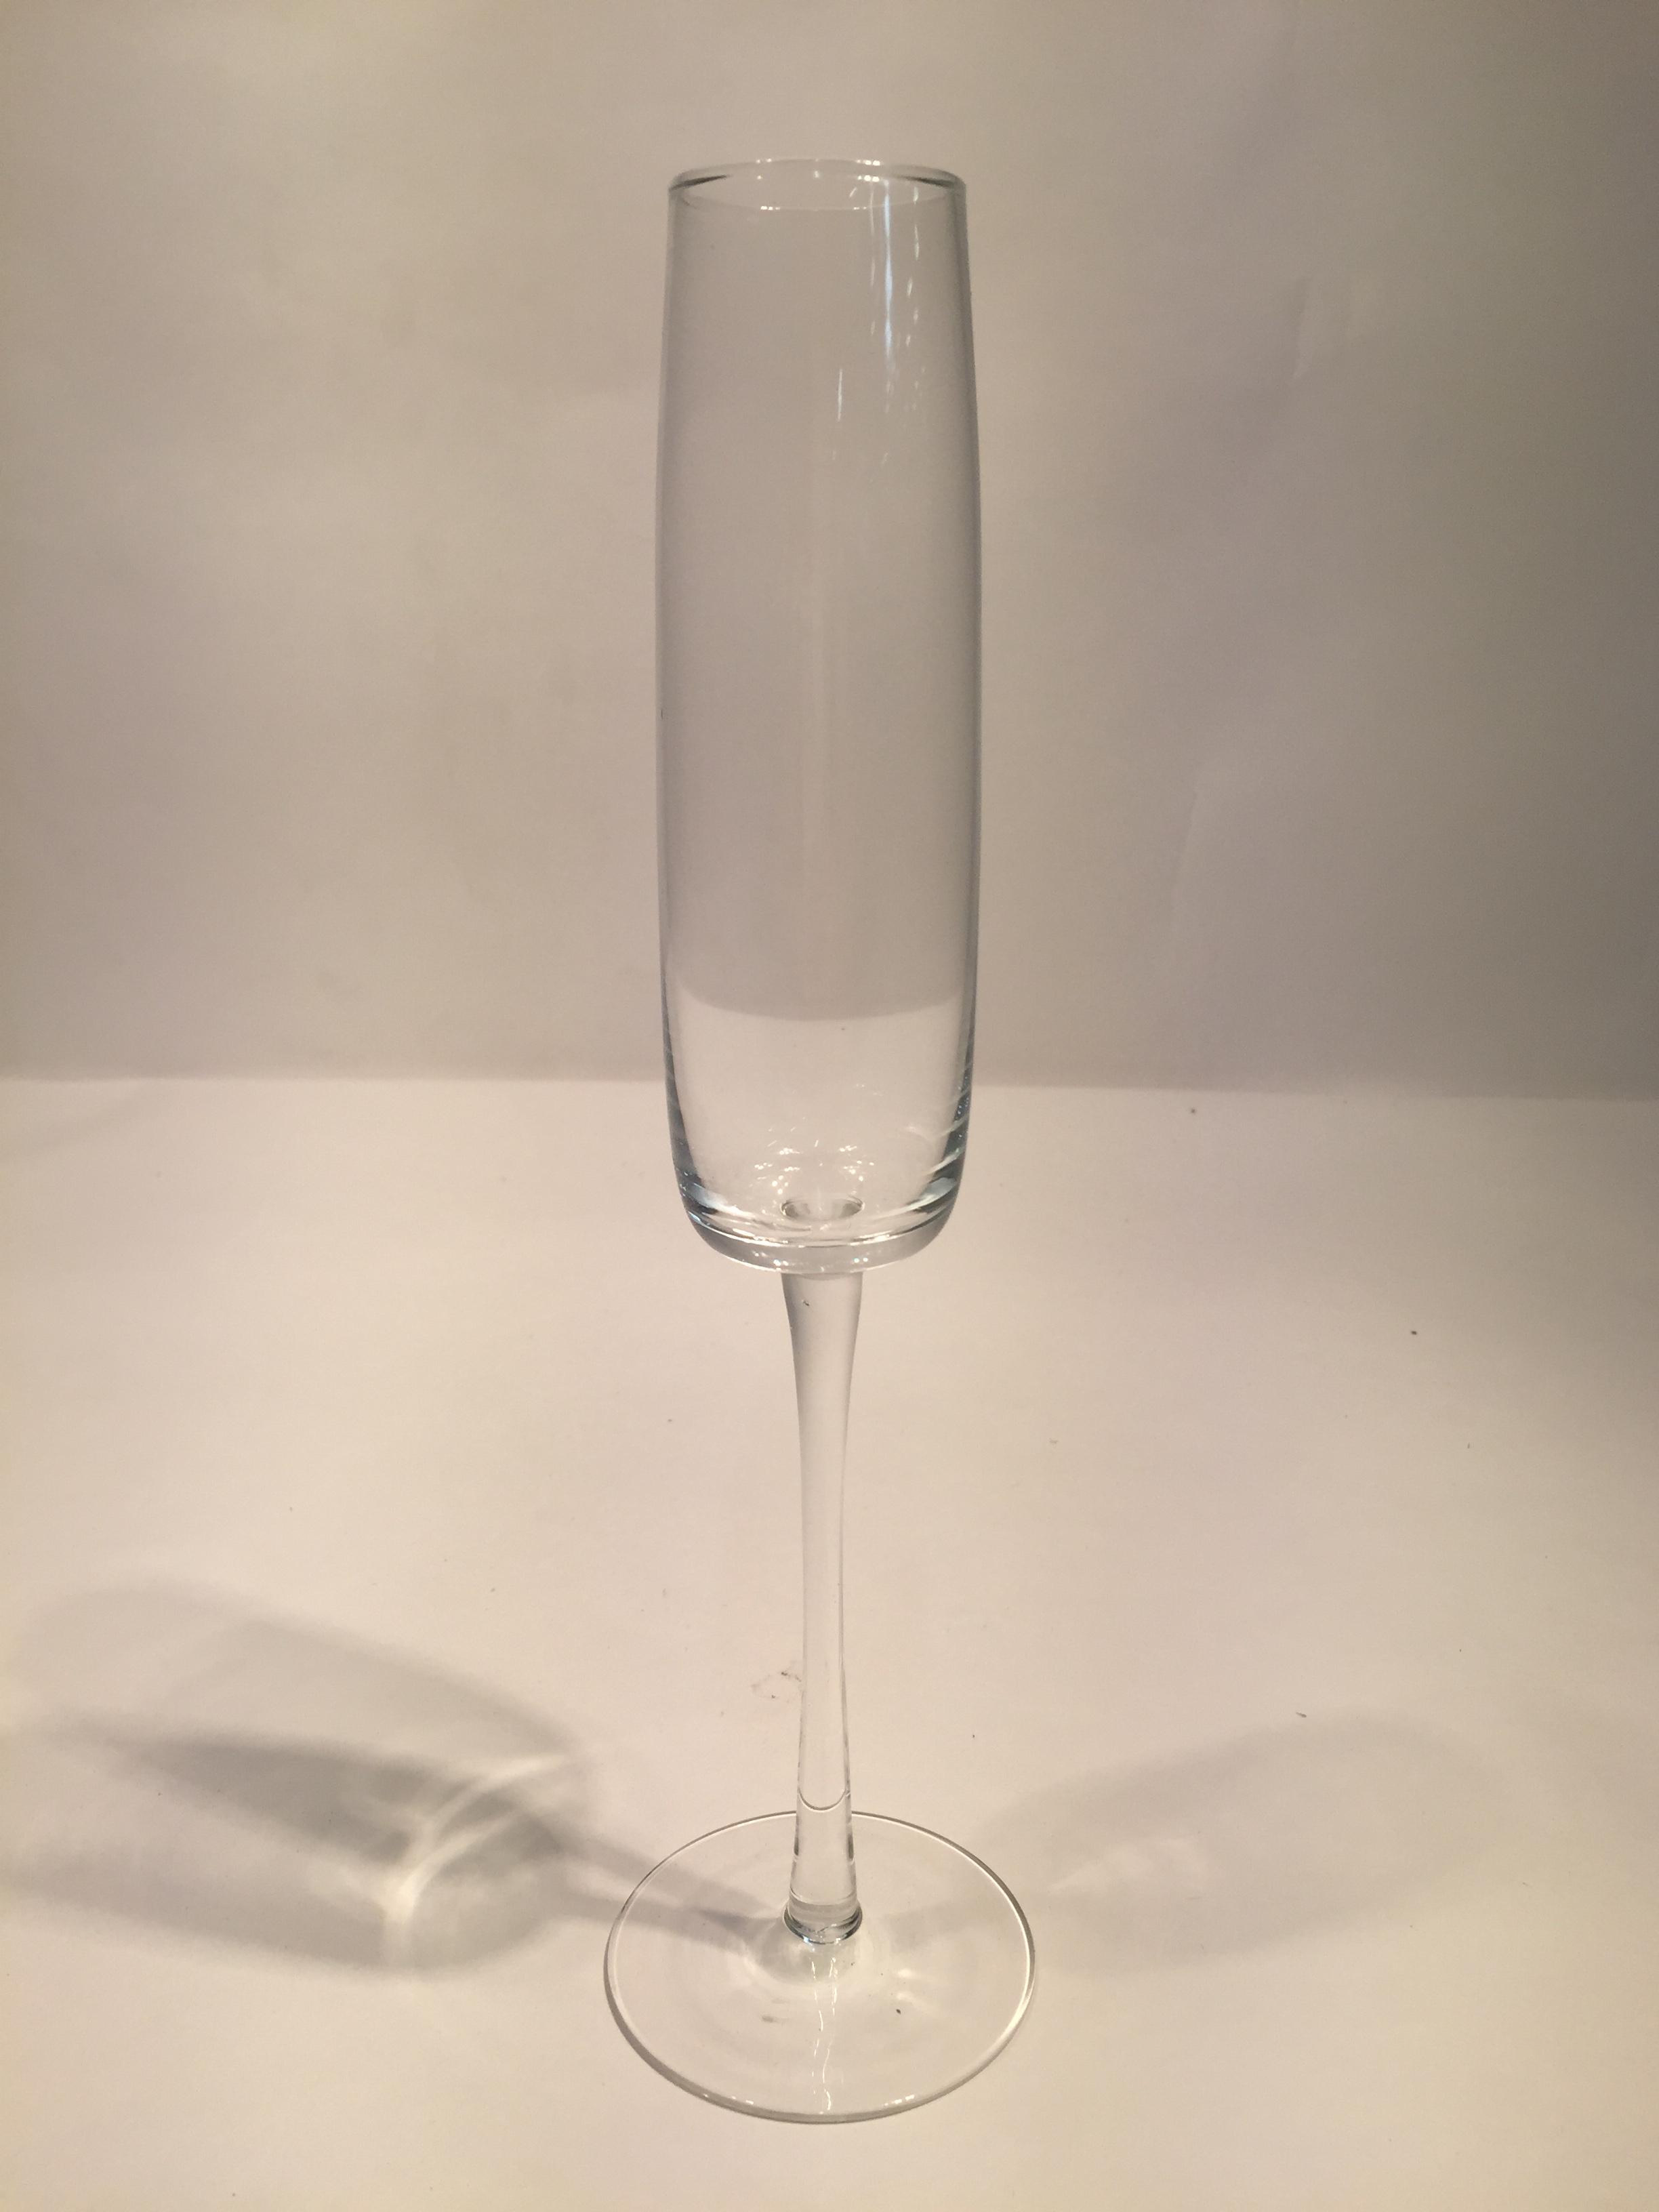 kapri clair flute 14cl